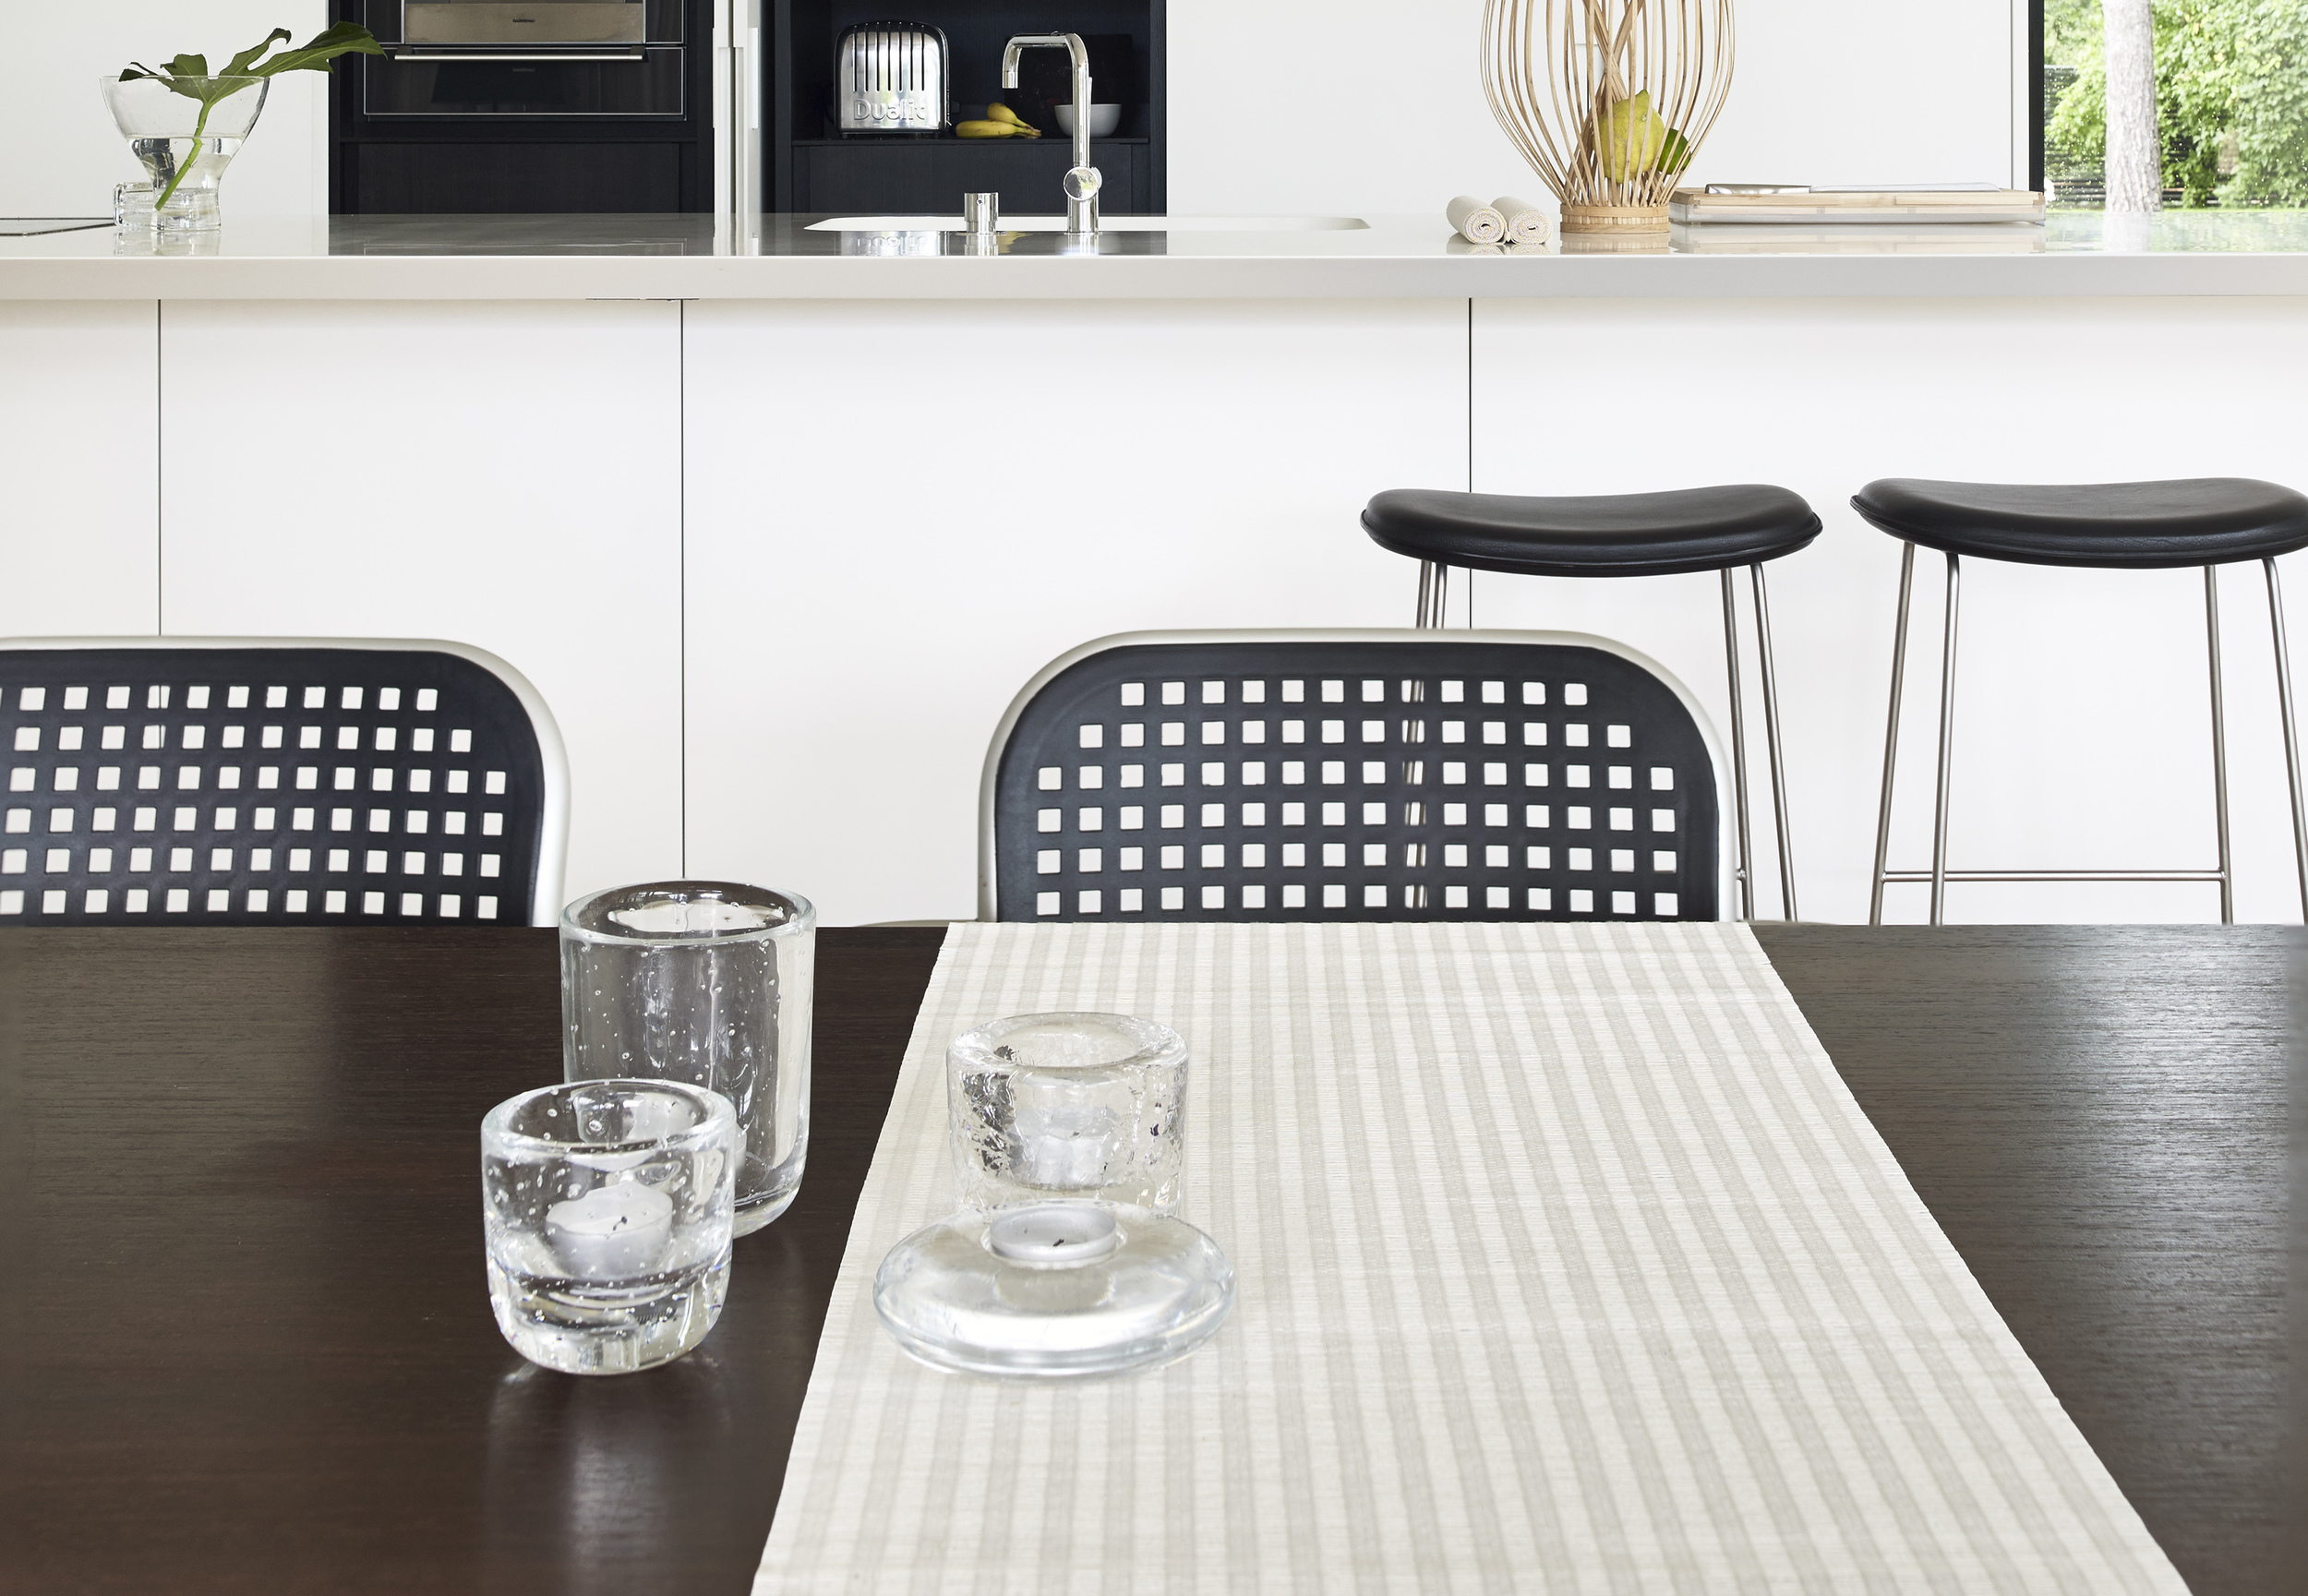 Table runner Vista col. white, width 45 cm